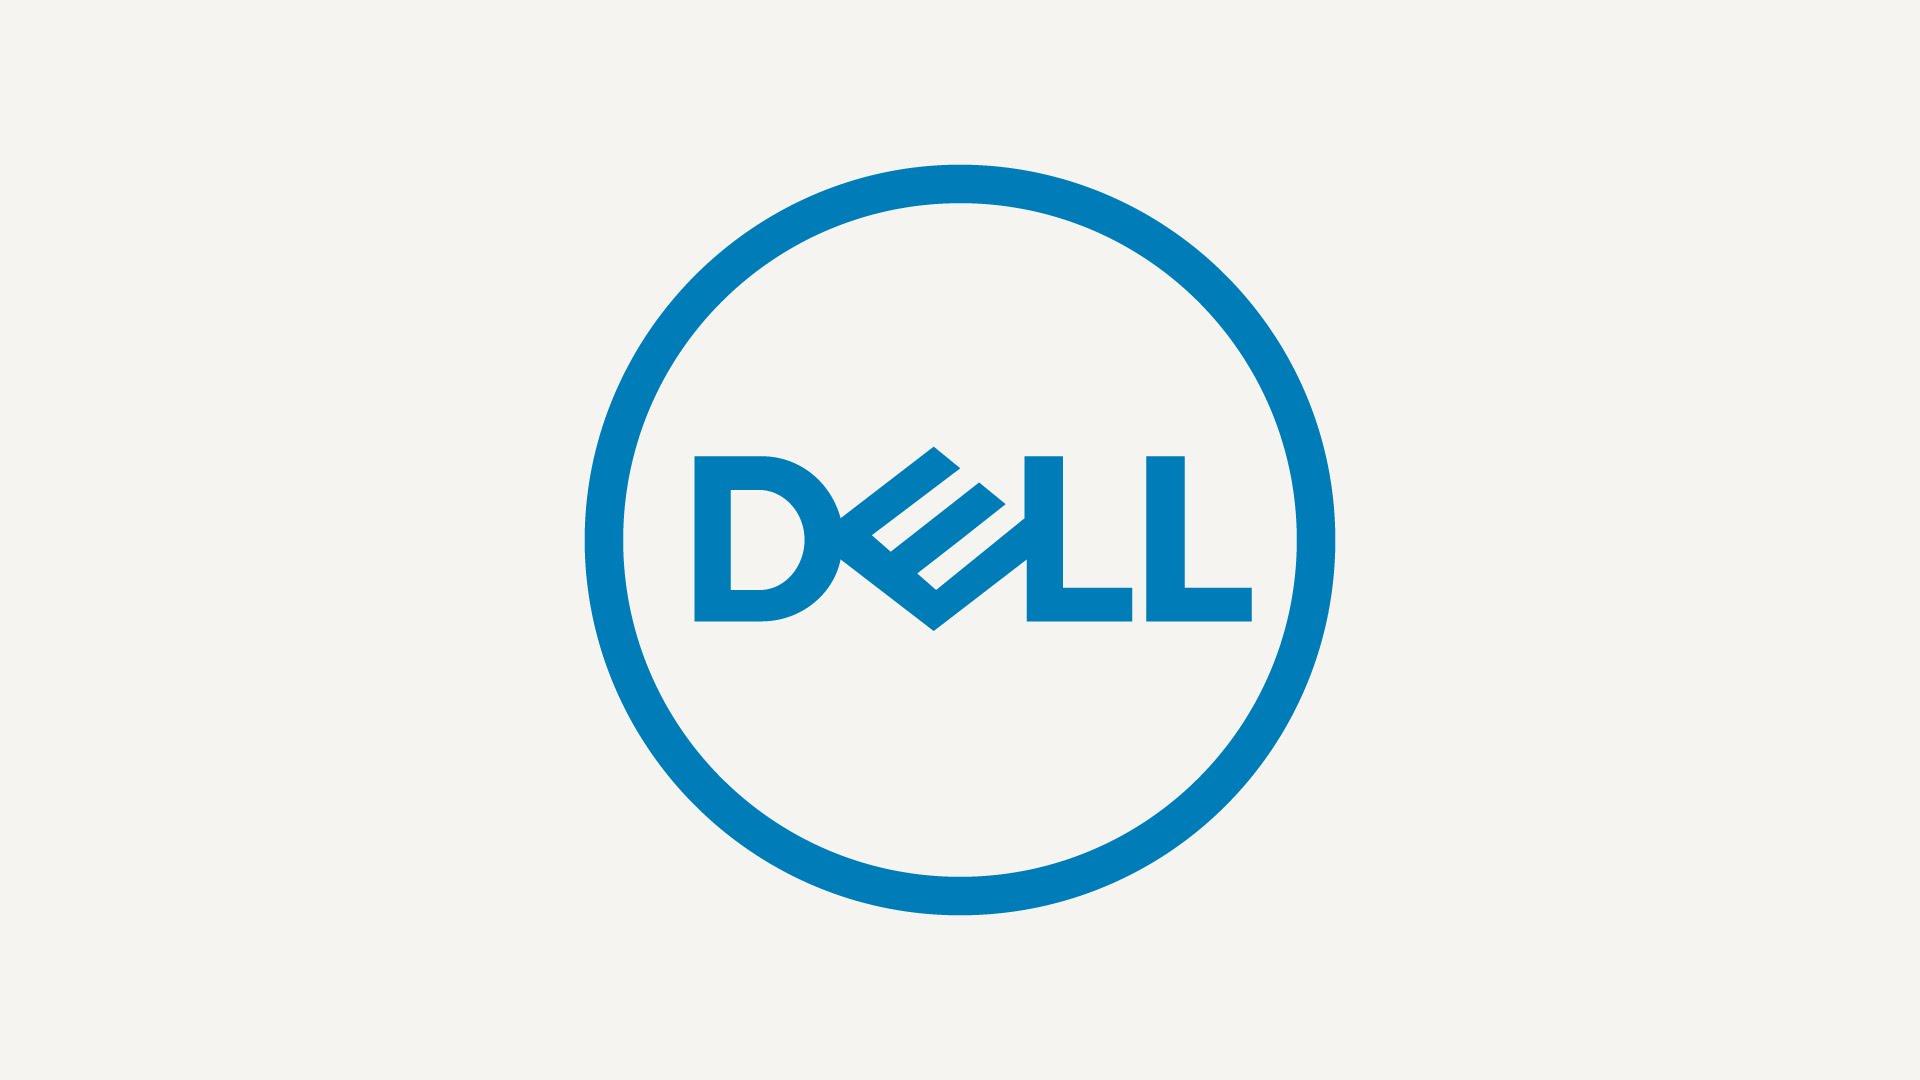 Dell lancia i nuovi Precision powered by Ubuntu - Lffl org